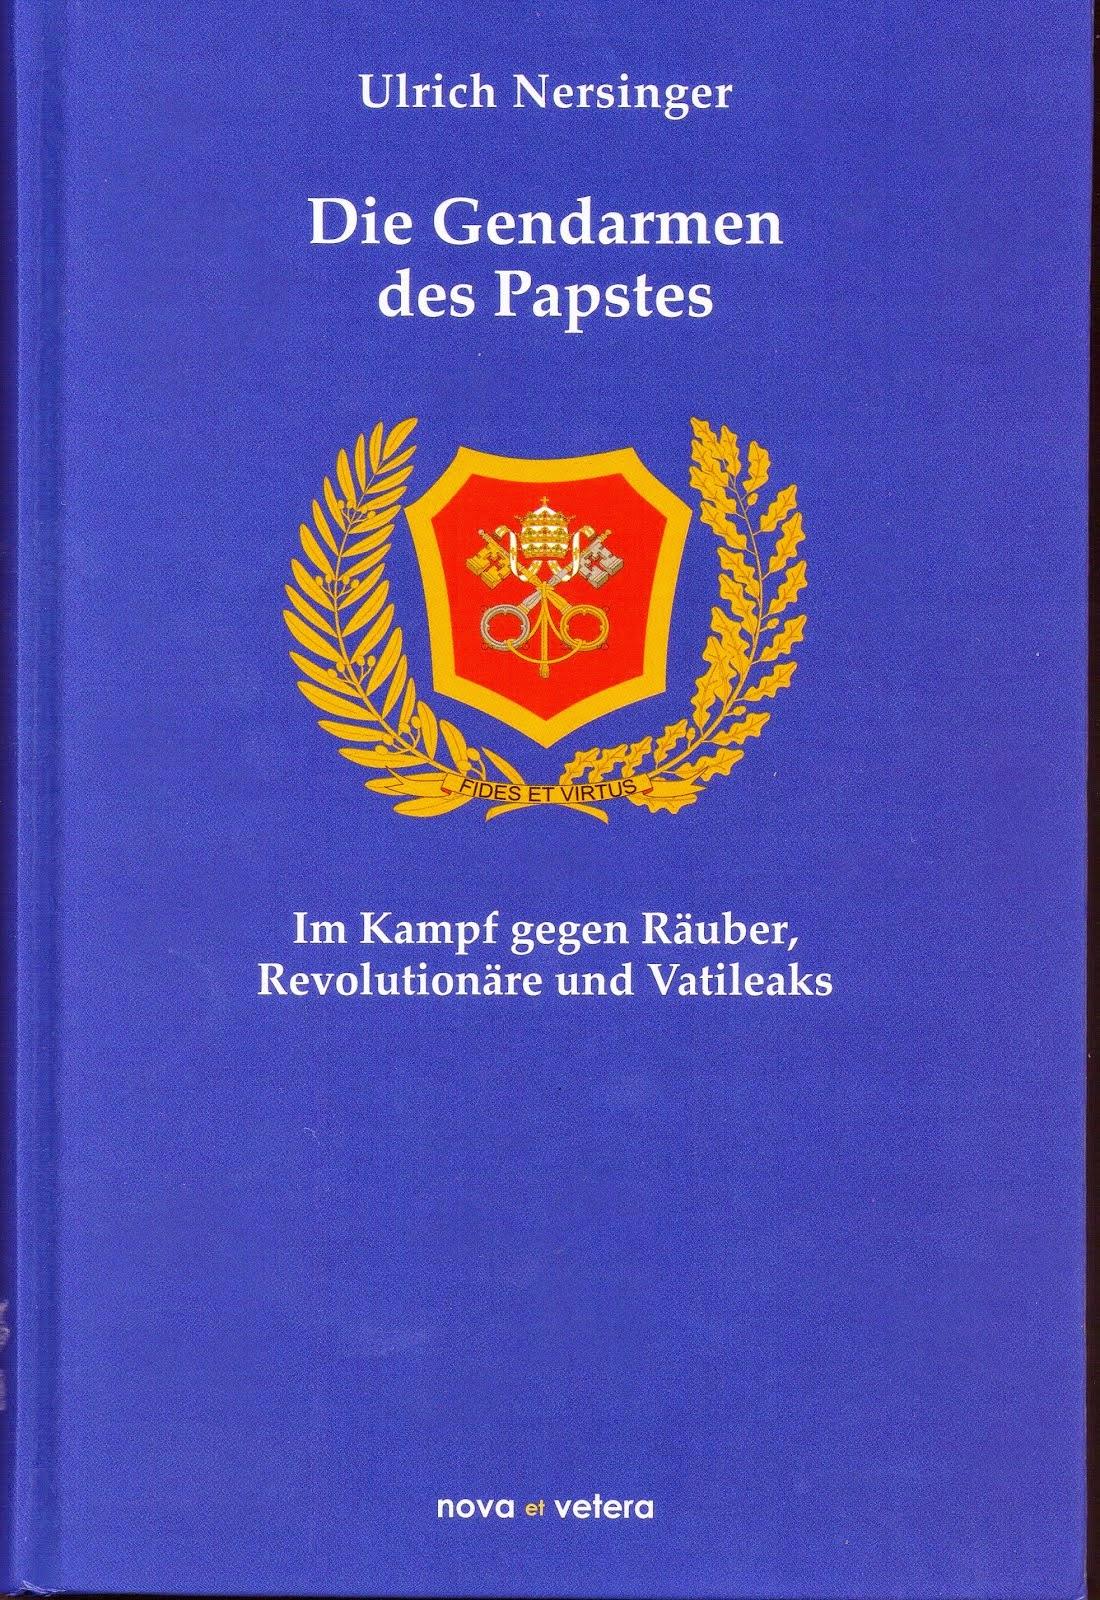 Volume dedicato ai Gendarmi del papa dalla fondazione ad oggi, in lingua tedesca